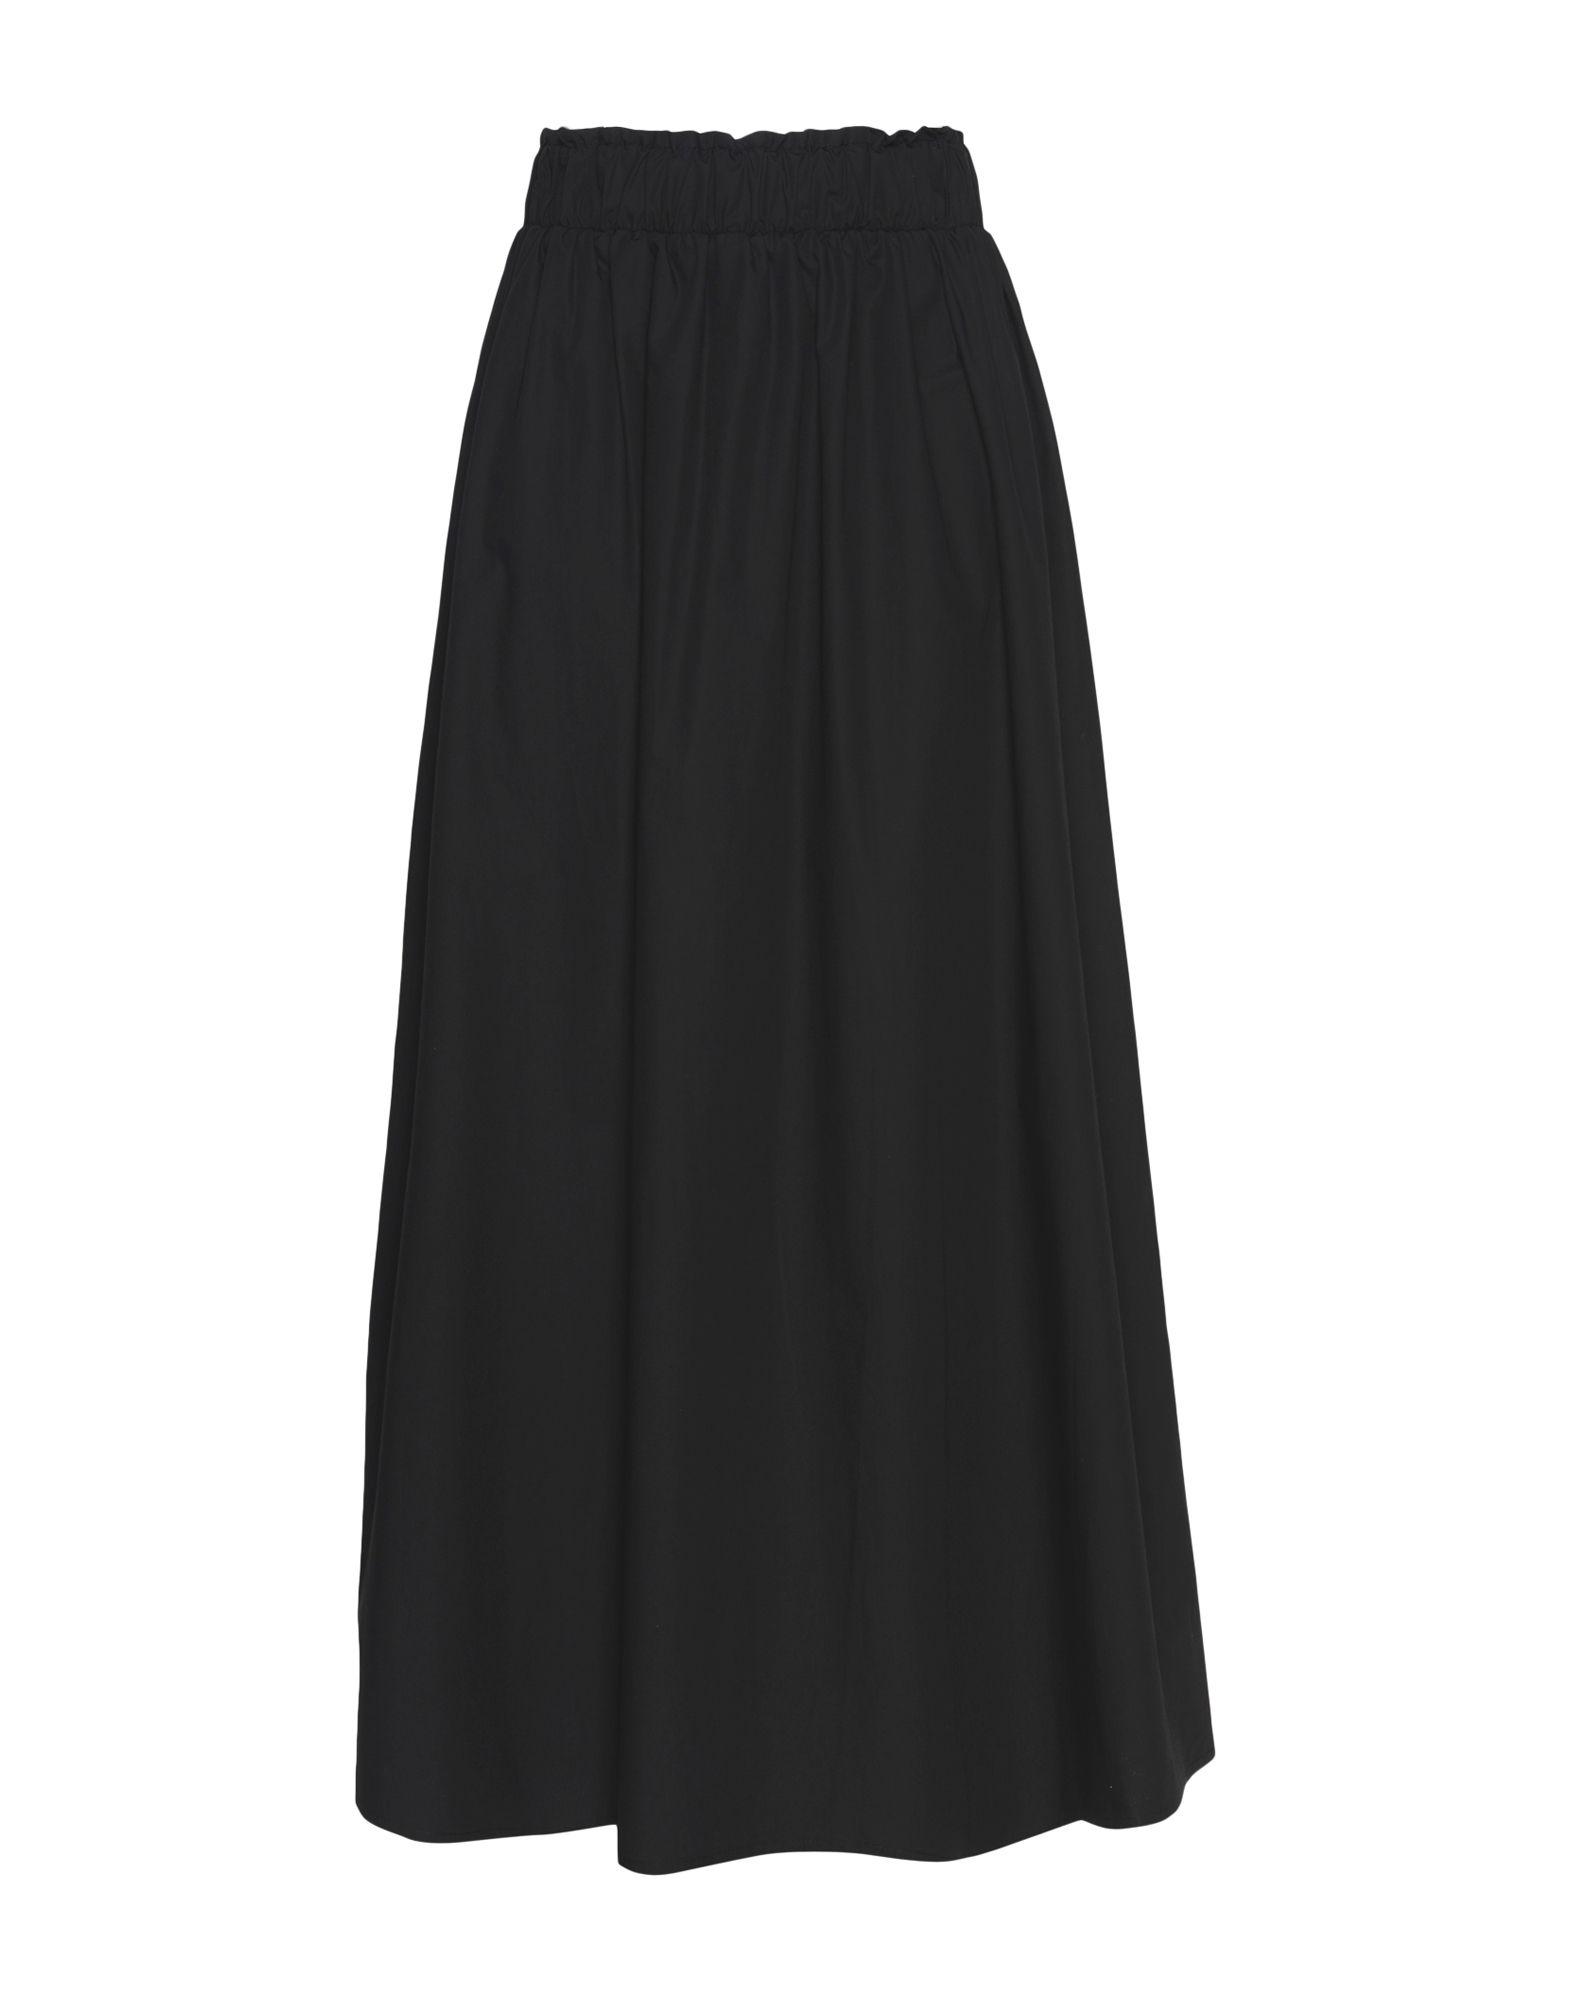 8 Длинная юбка